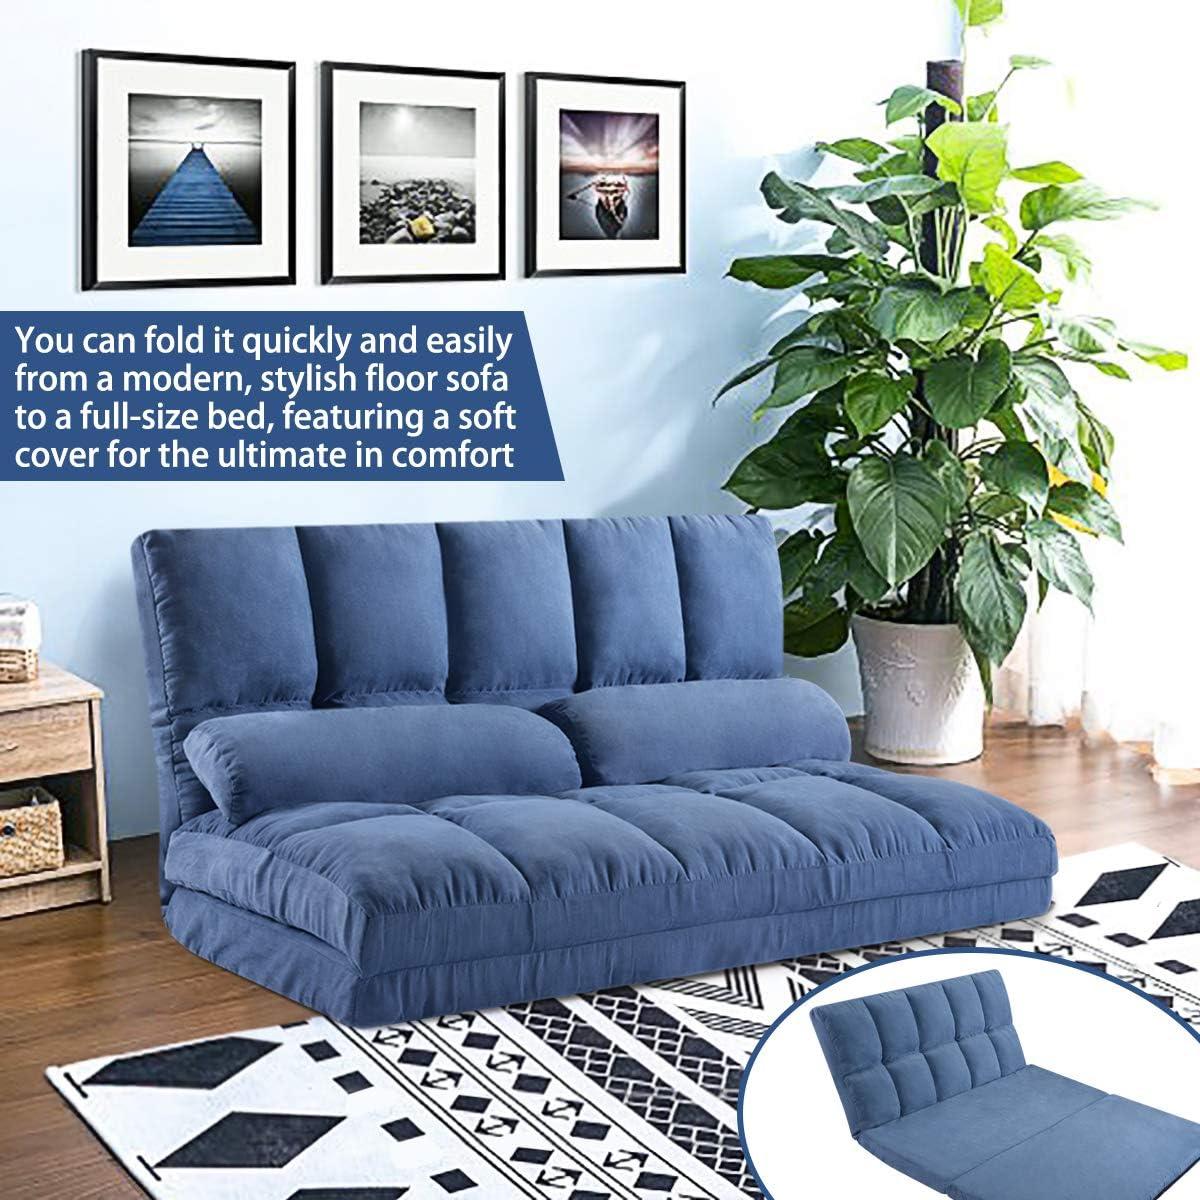 Merax Floor Sofa Bed, Foldable Sleeper Sofa Bed, Adjustable Fabric Folding Sofa Floor with 2 Pillows (Blue)